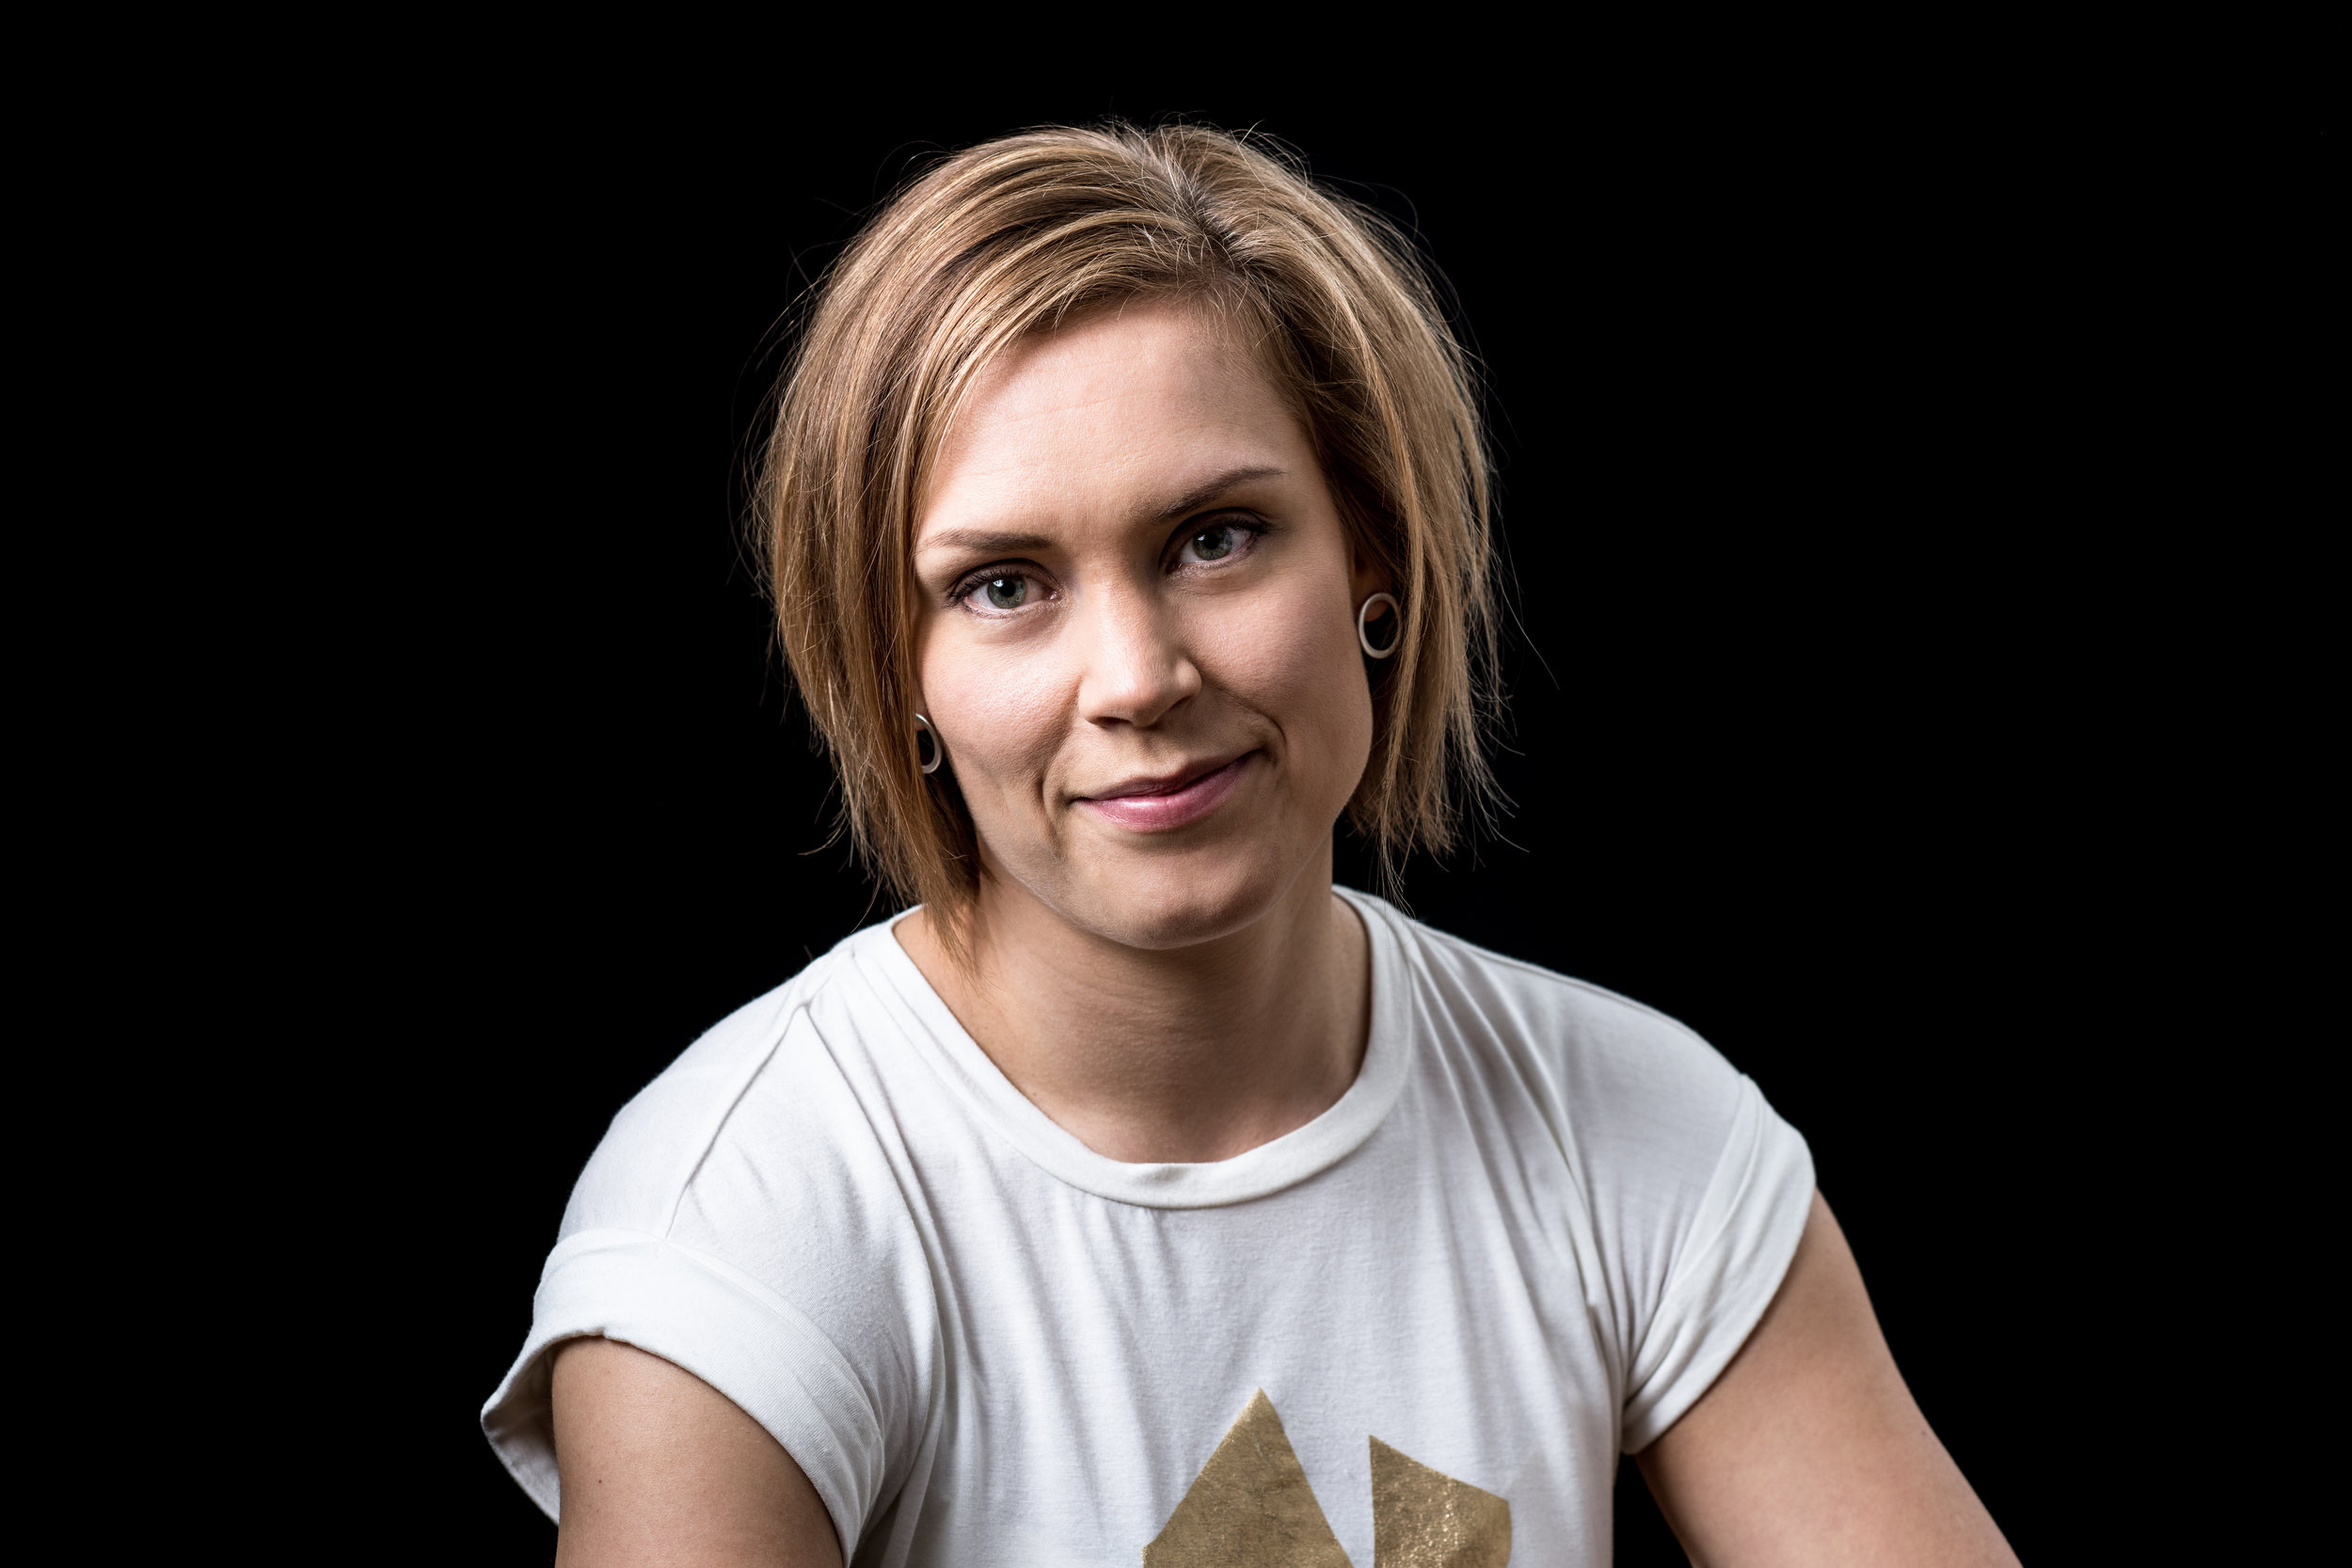 Nina-Saarikivi-high-res-3.jpg